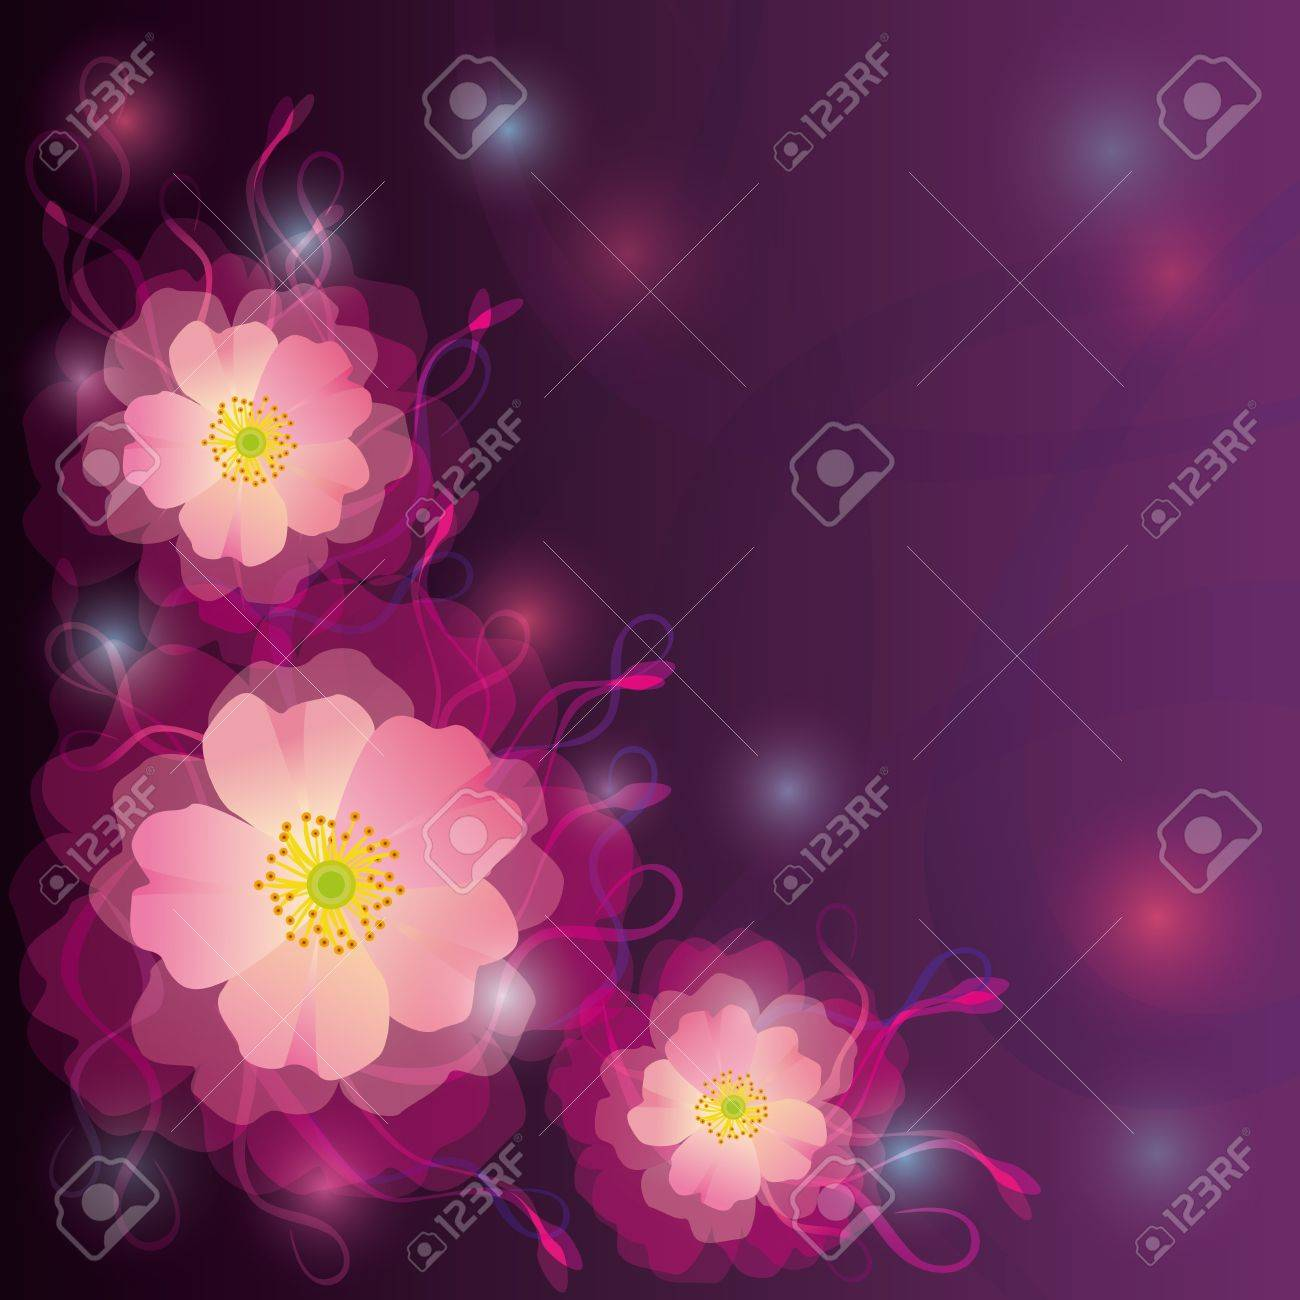 Saludo o violeta tarjeta de invitación con flores y rizos Foto de archivo - 12215993